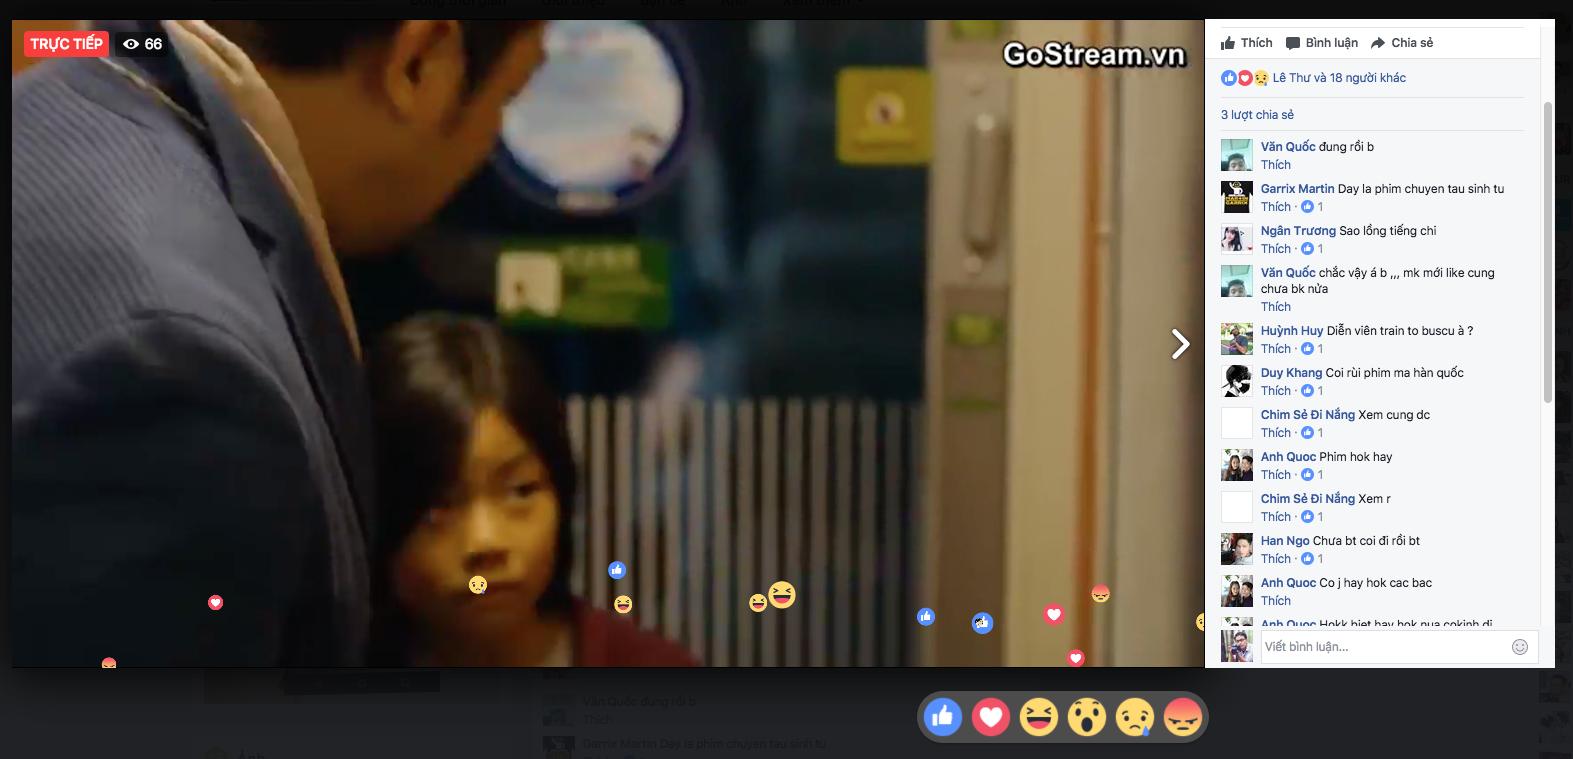 Thả tim trên livestream khá là vui mắt và thu hút người xem gostream.vn